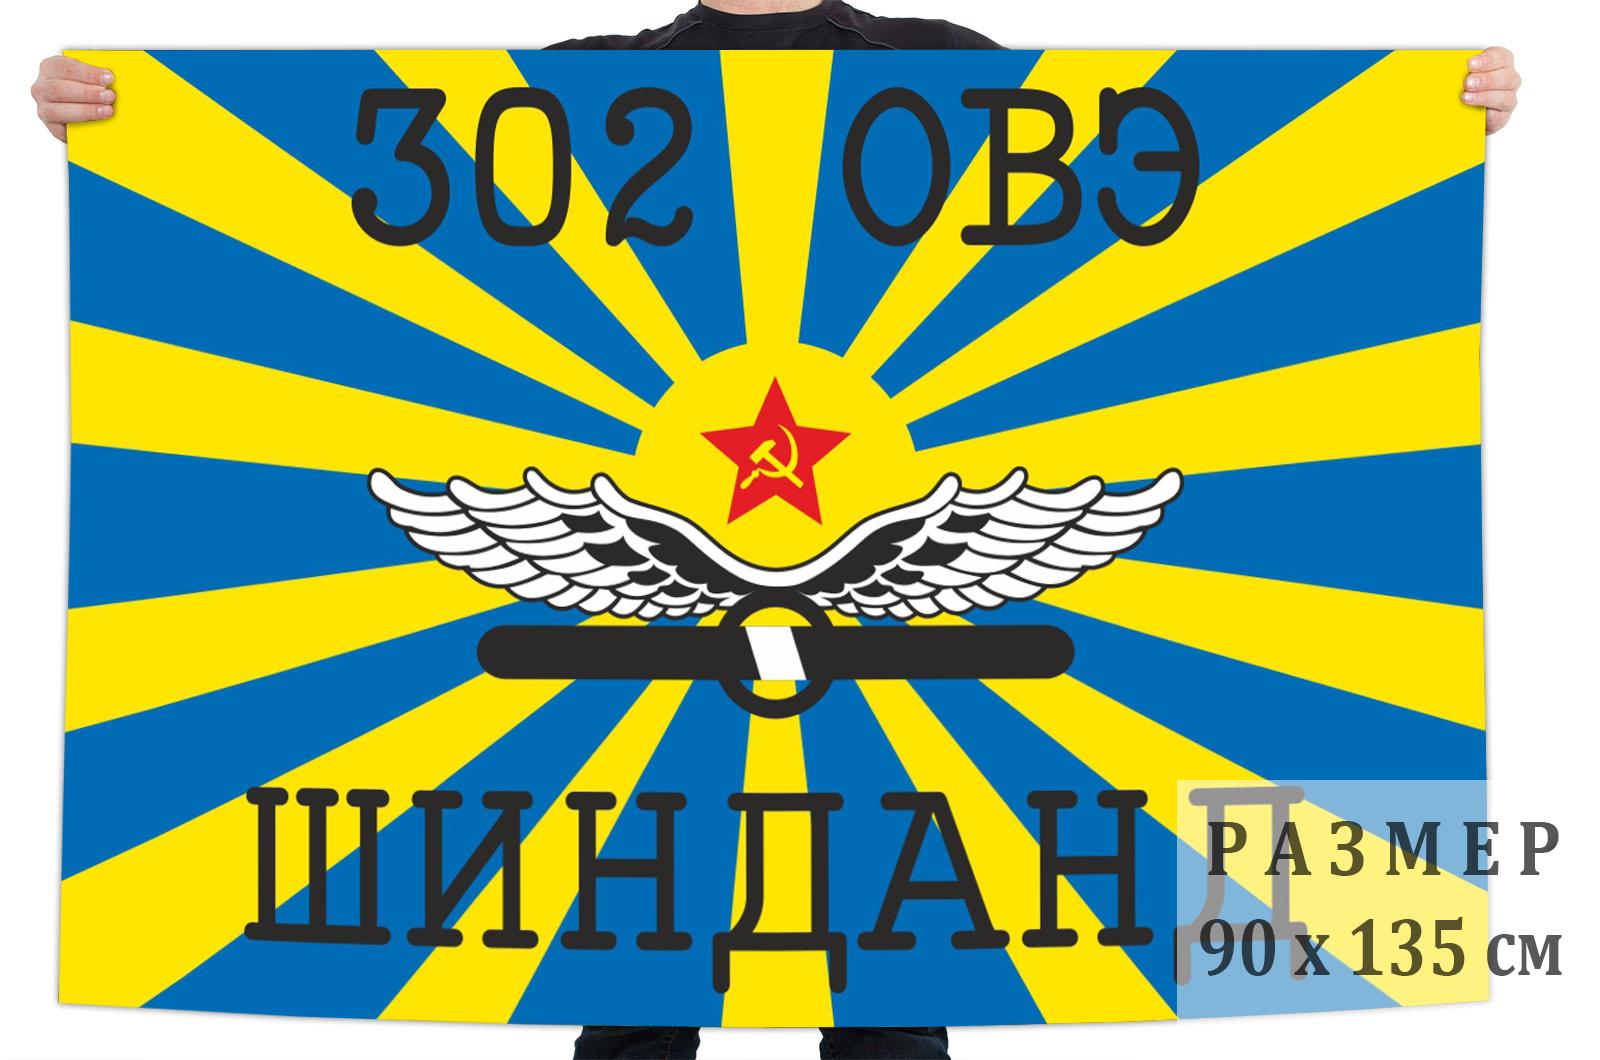 Заказать флаг «302 отдельная вертолетная эскадрилья Шинданд»